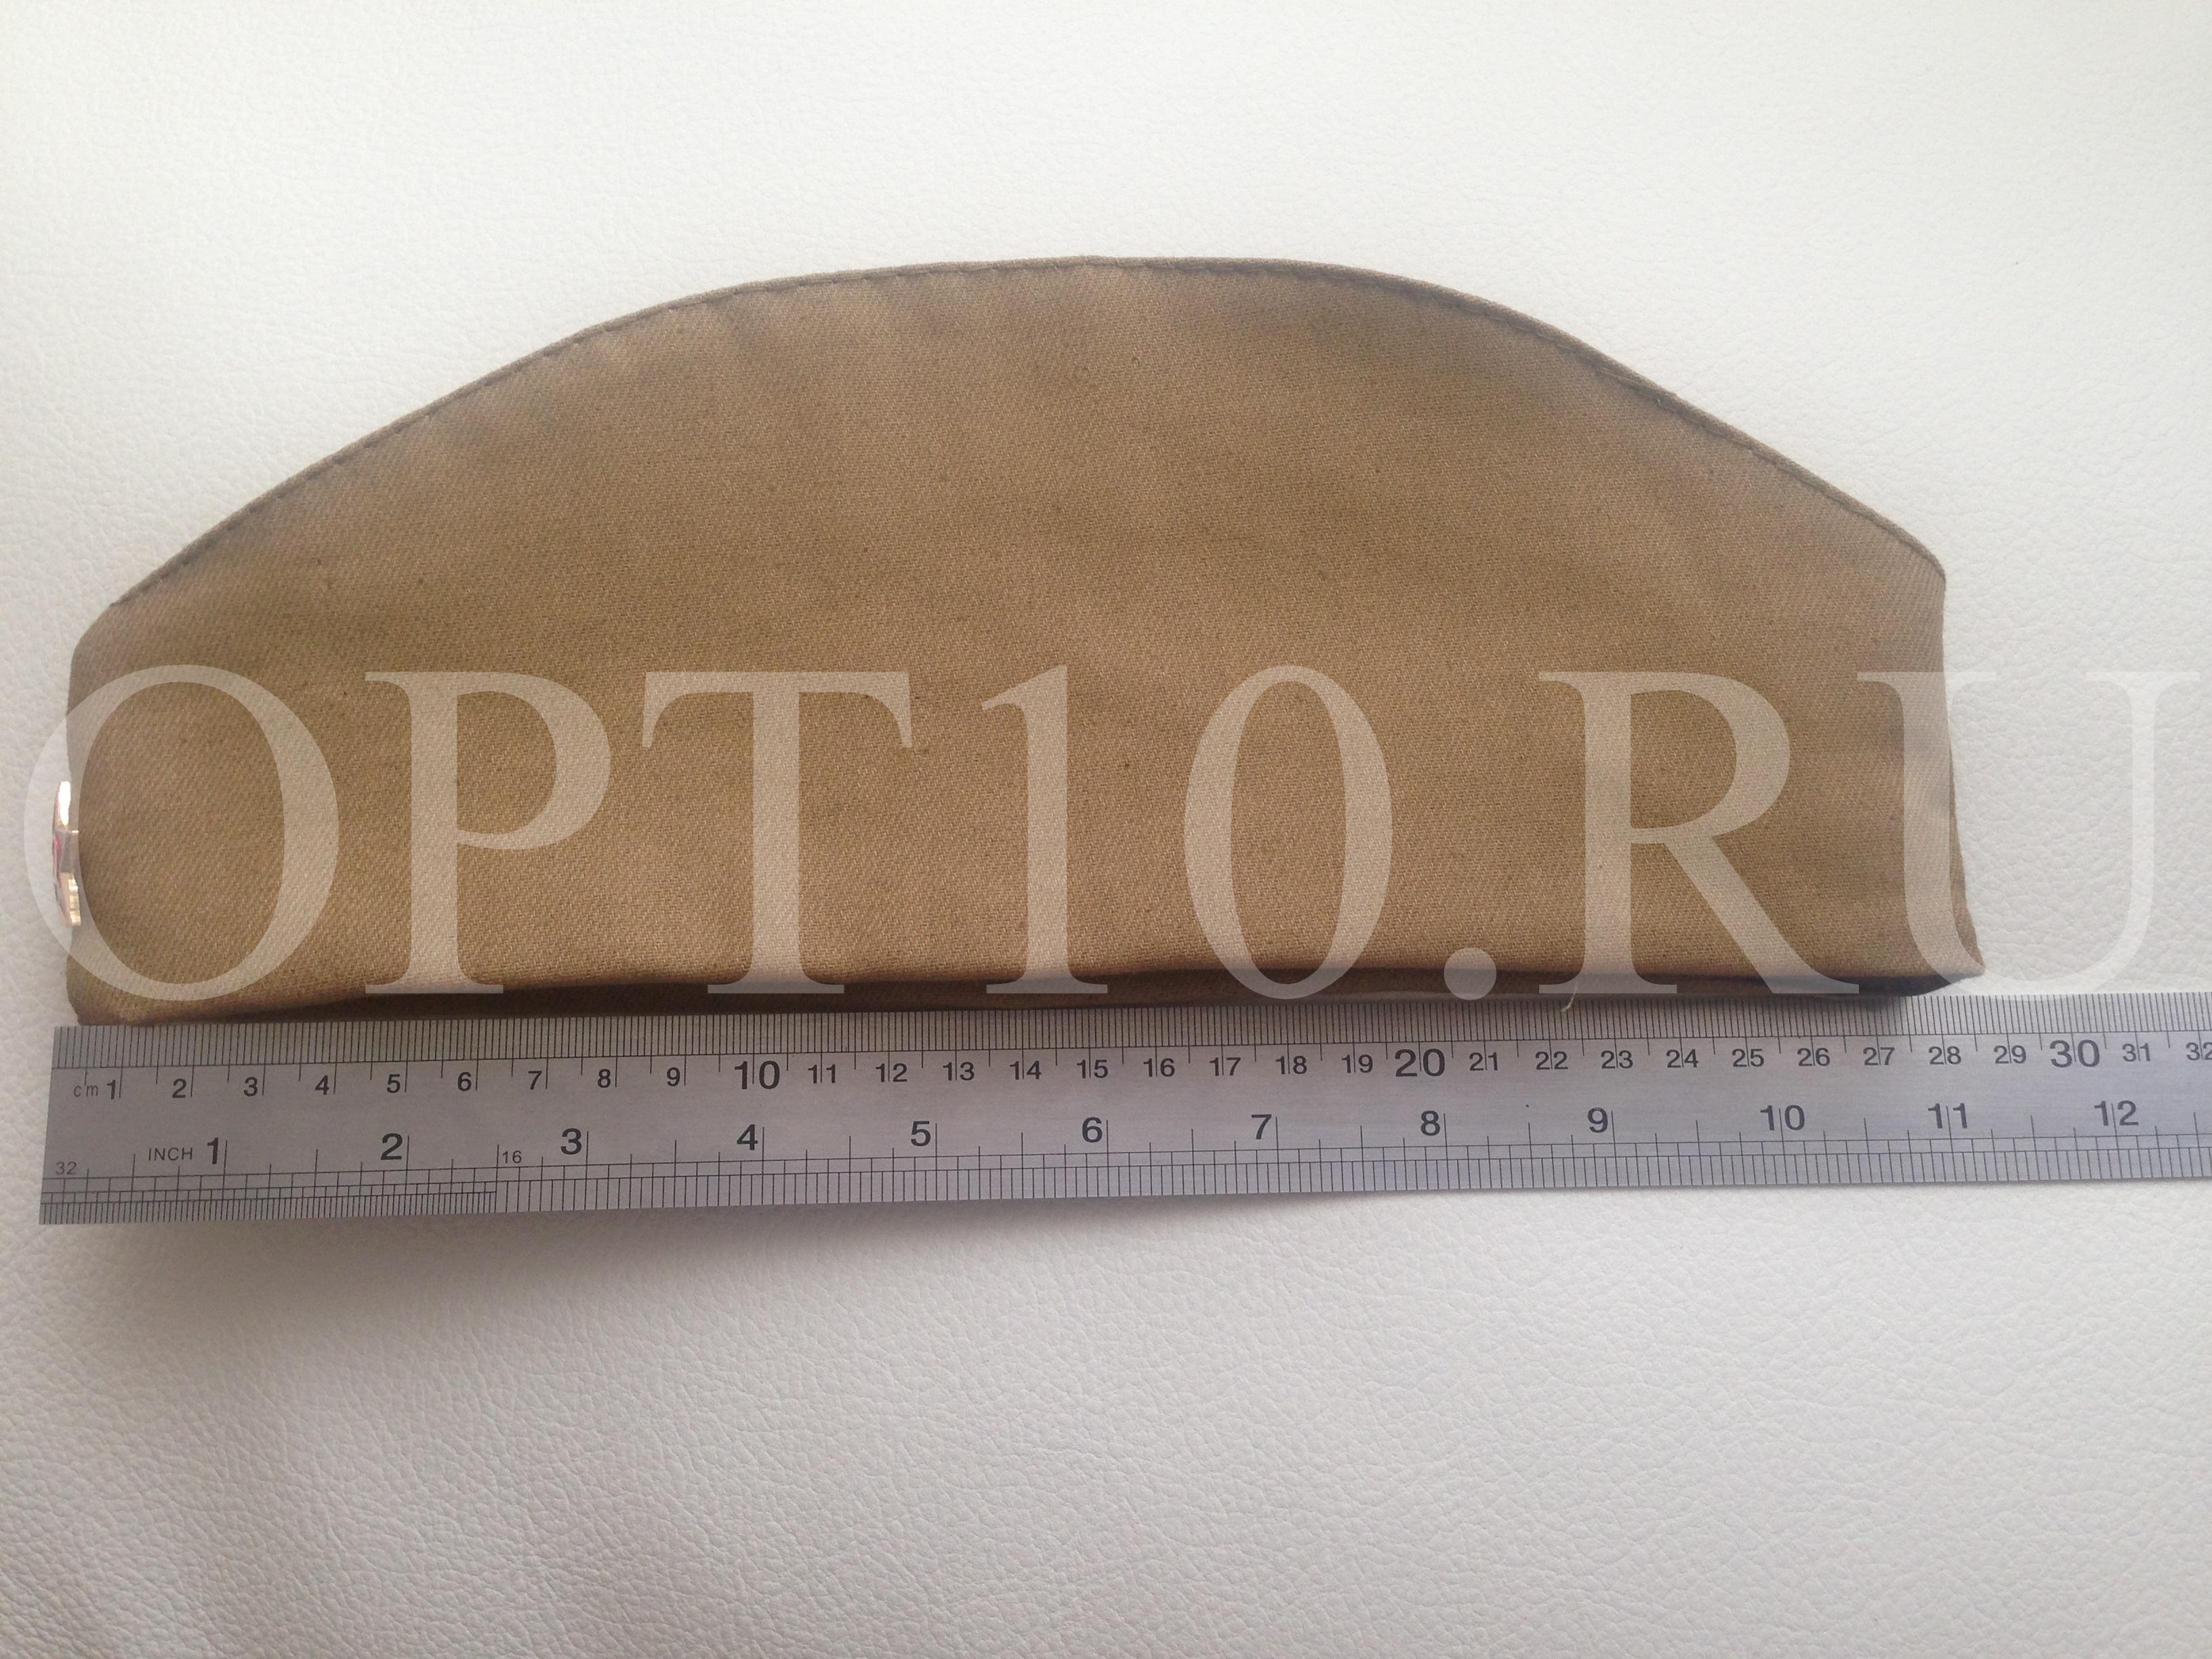 http://opt10.ru/images/upload/image-12-04-16-11-34-2.jpg